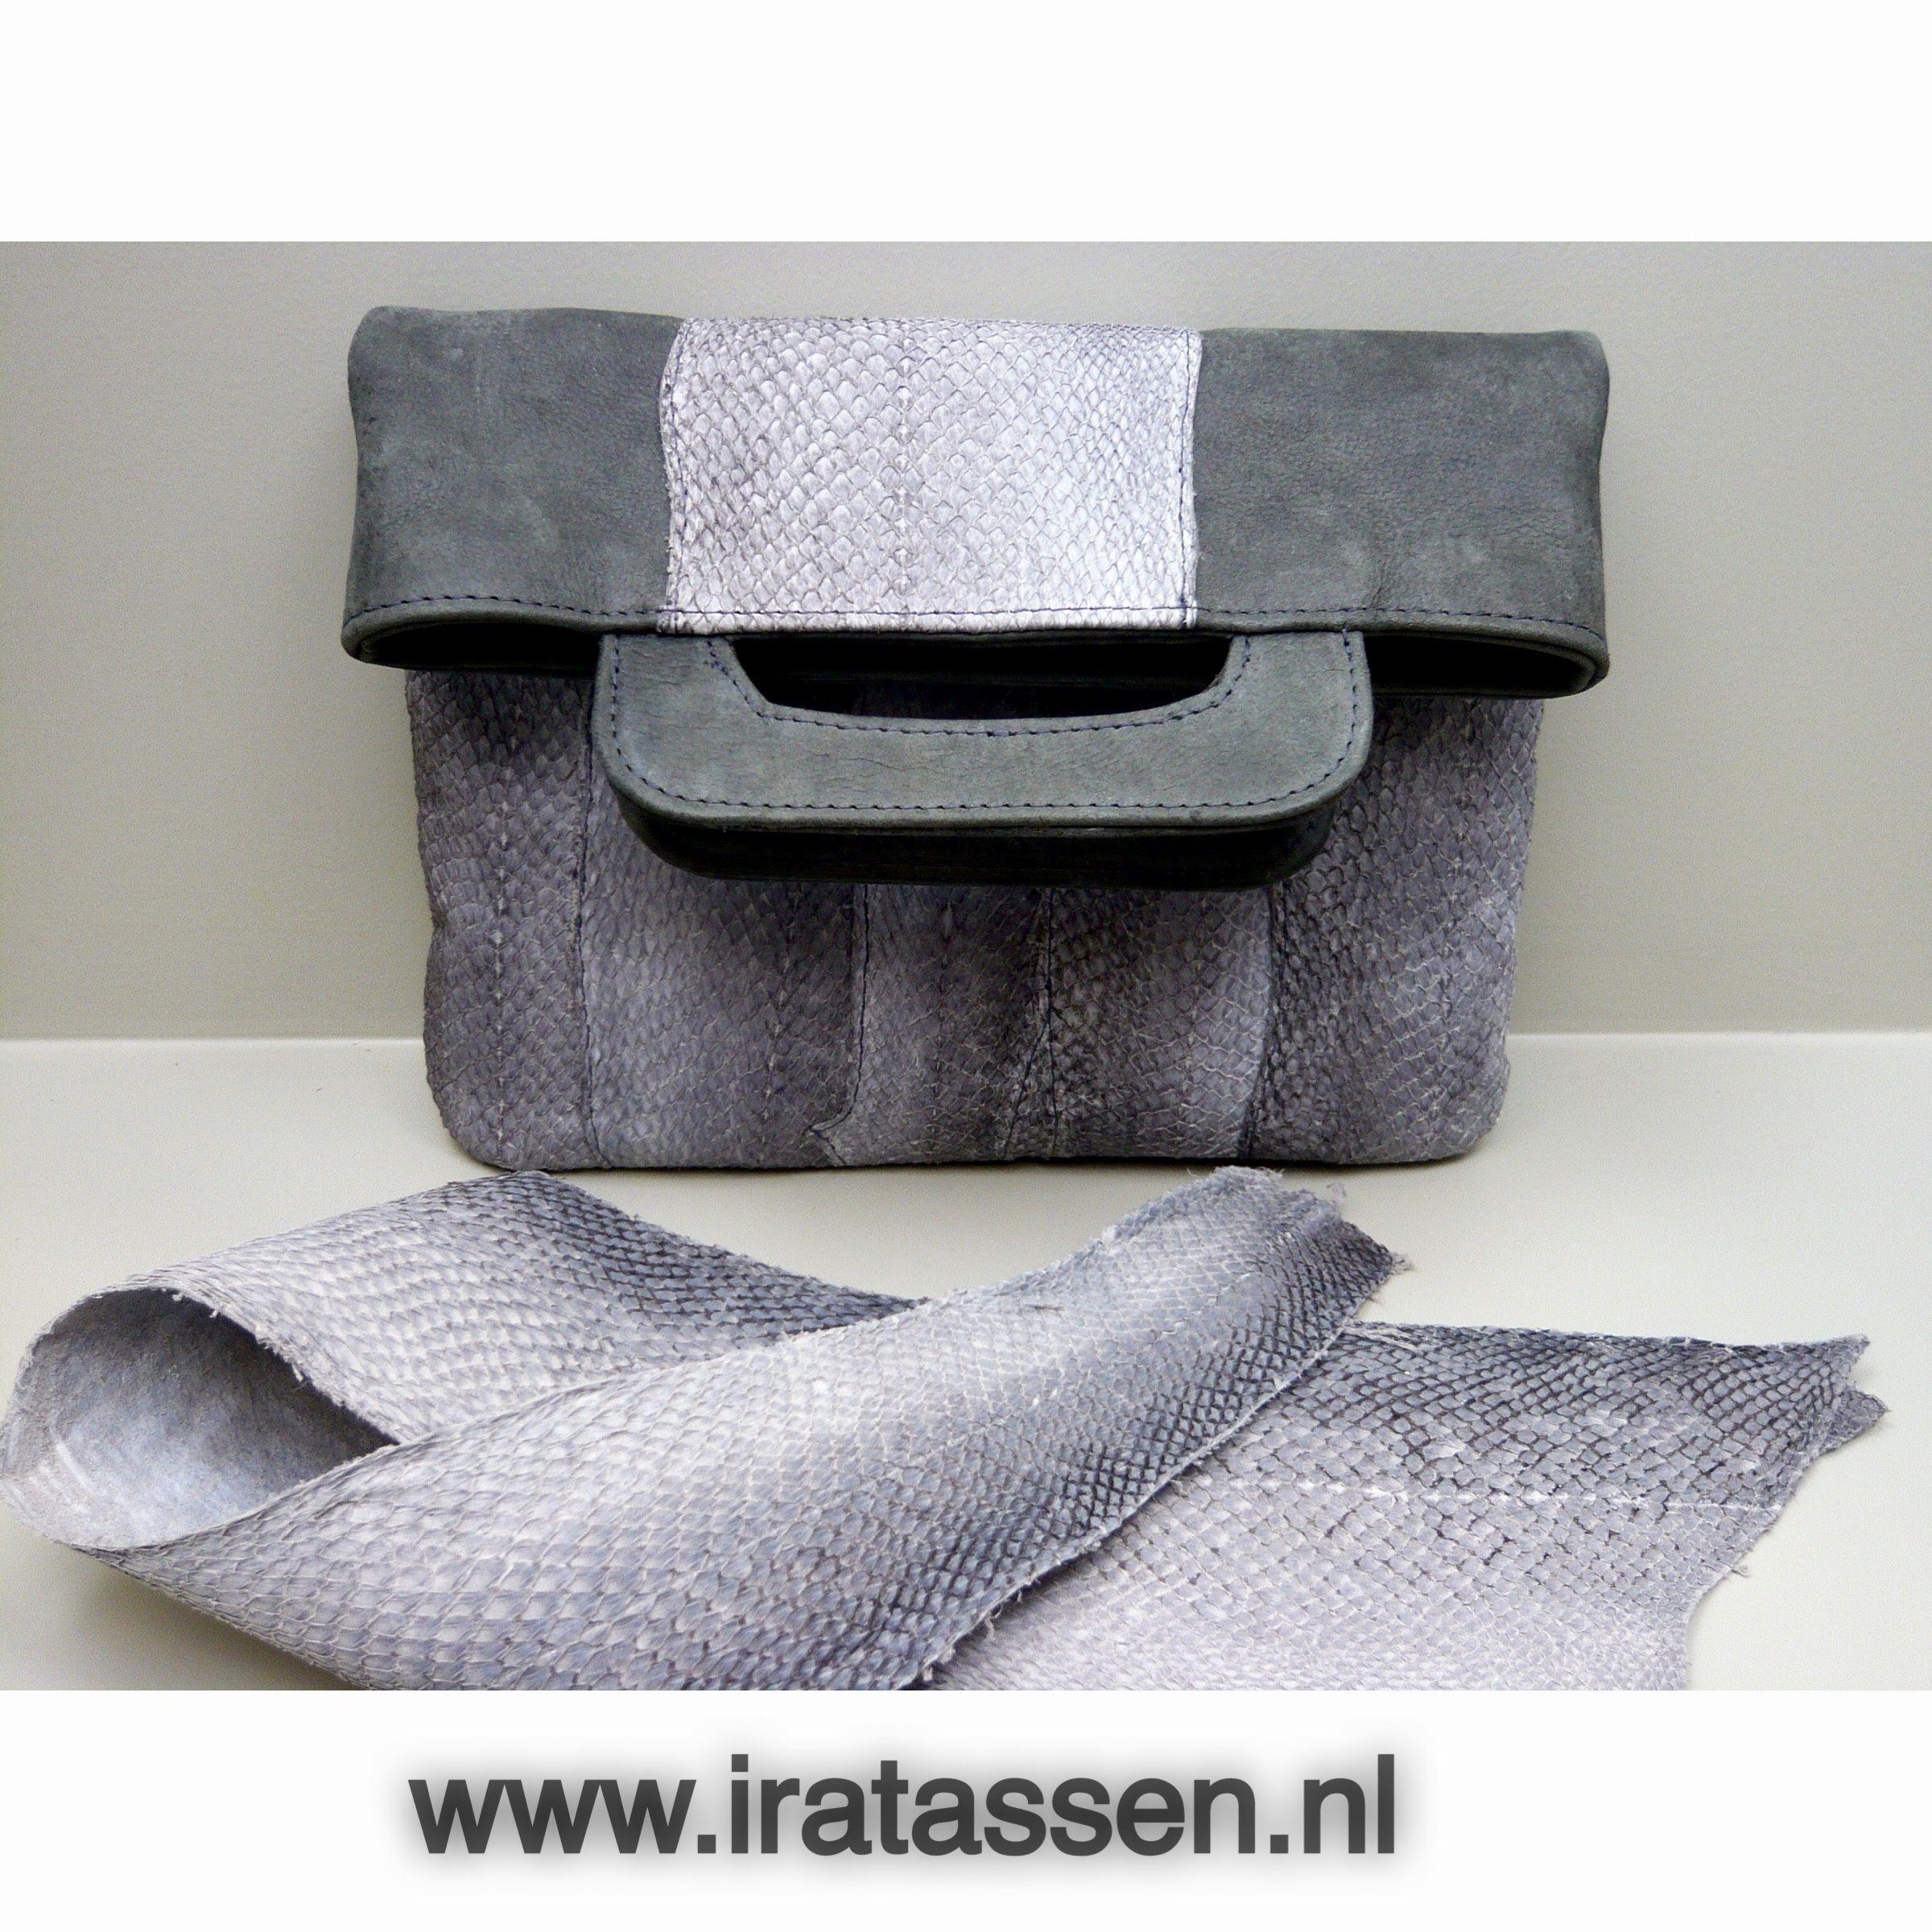 e04fff26348 Zalmleer handtas design by Iratassen | Visleder tassen in 2018 ...